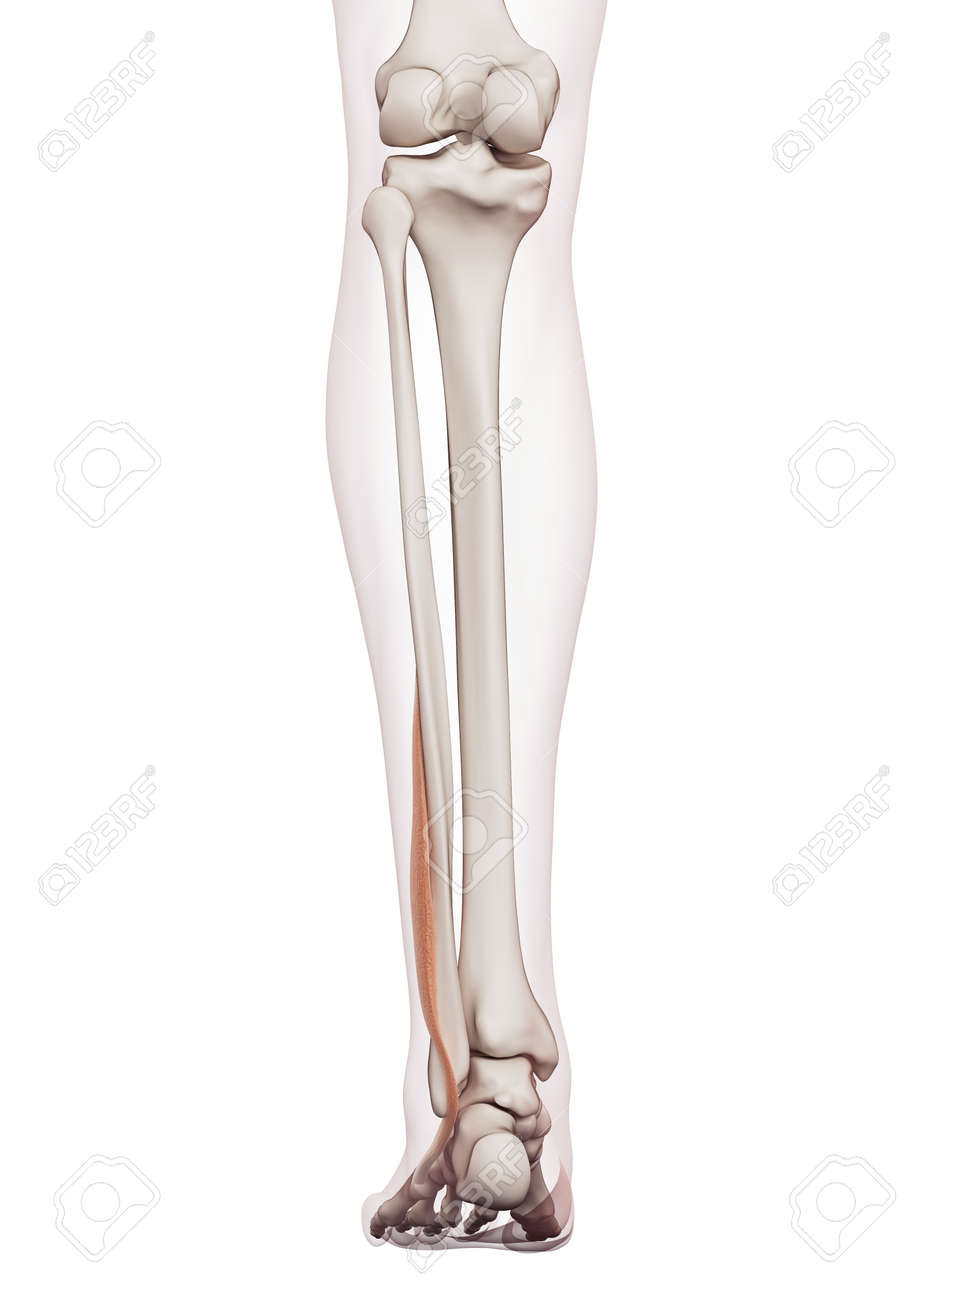 Beste Anatomie Und Physiologie Kapitel 8 Praxistest Galerie ...